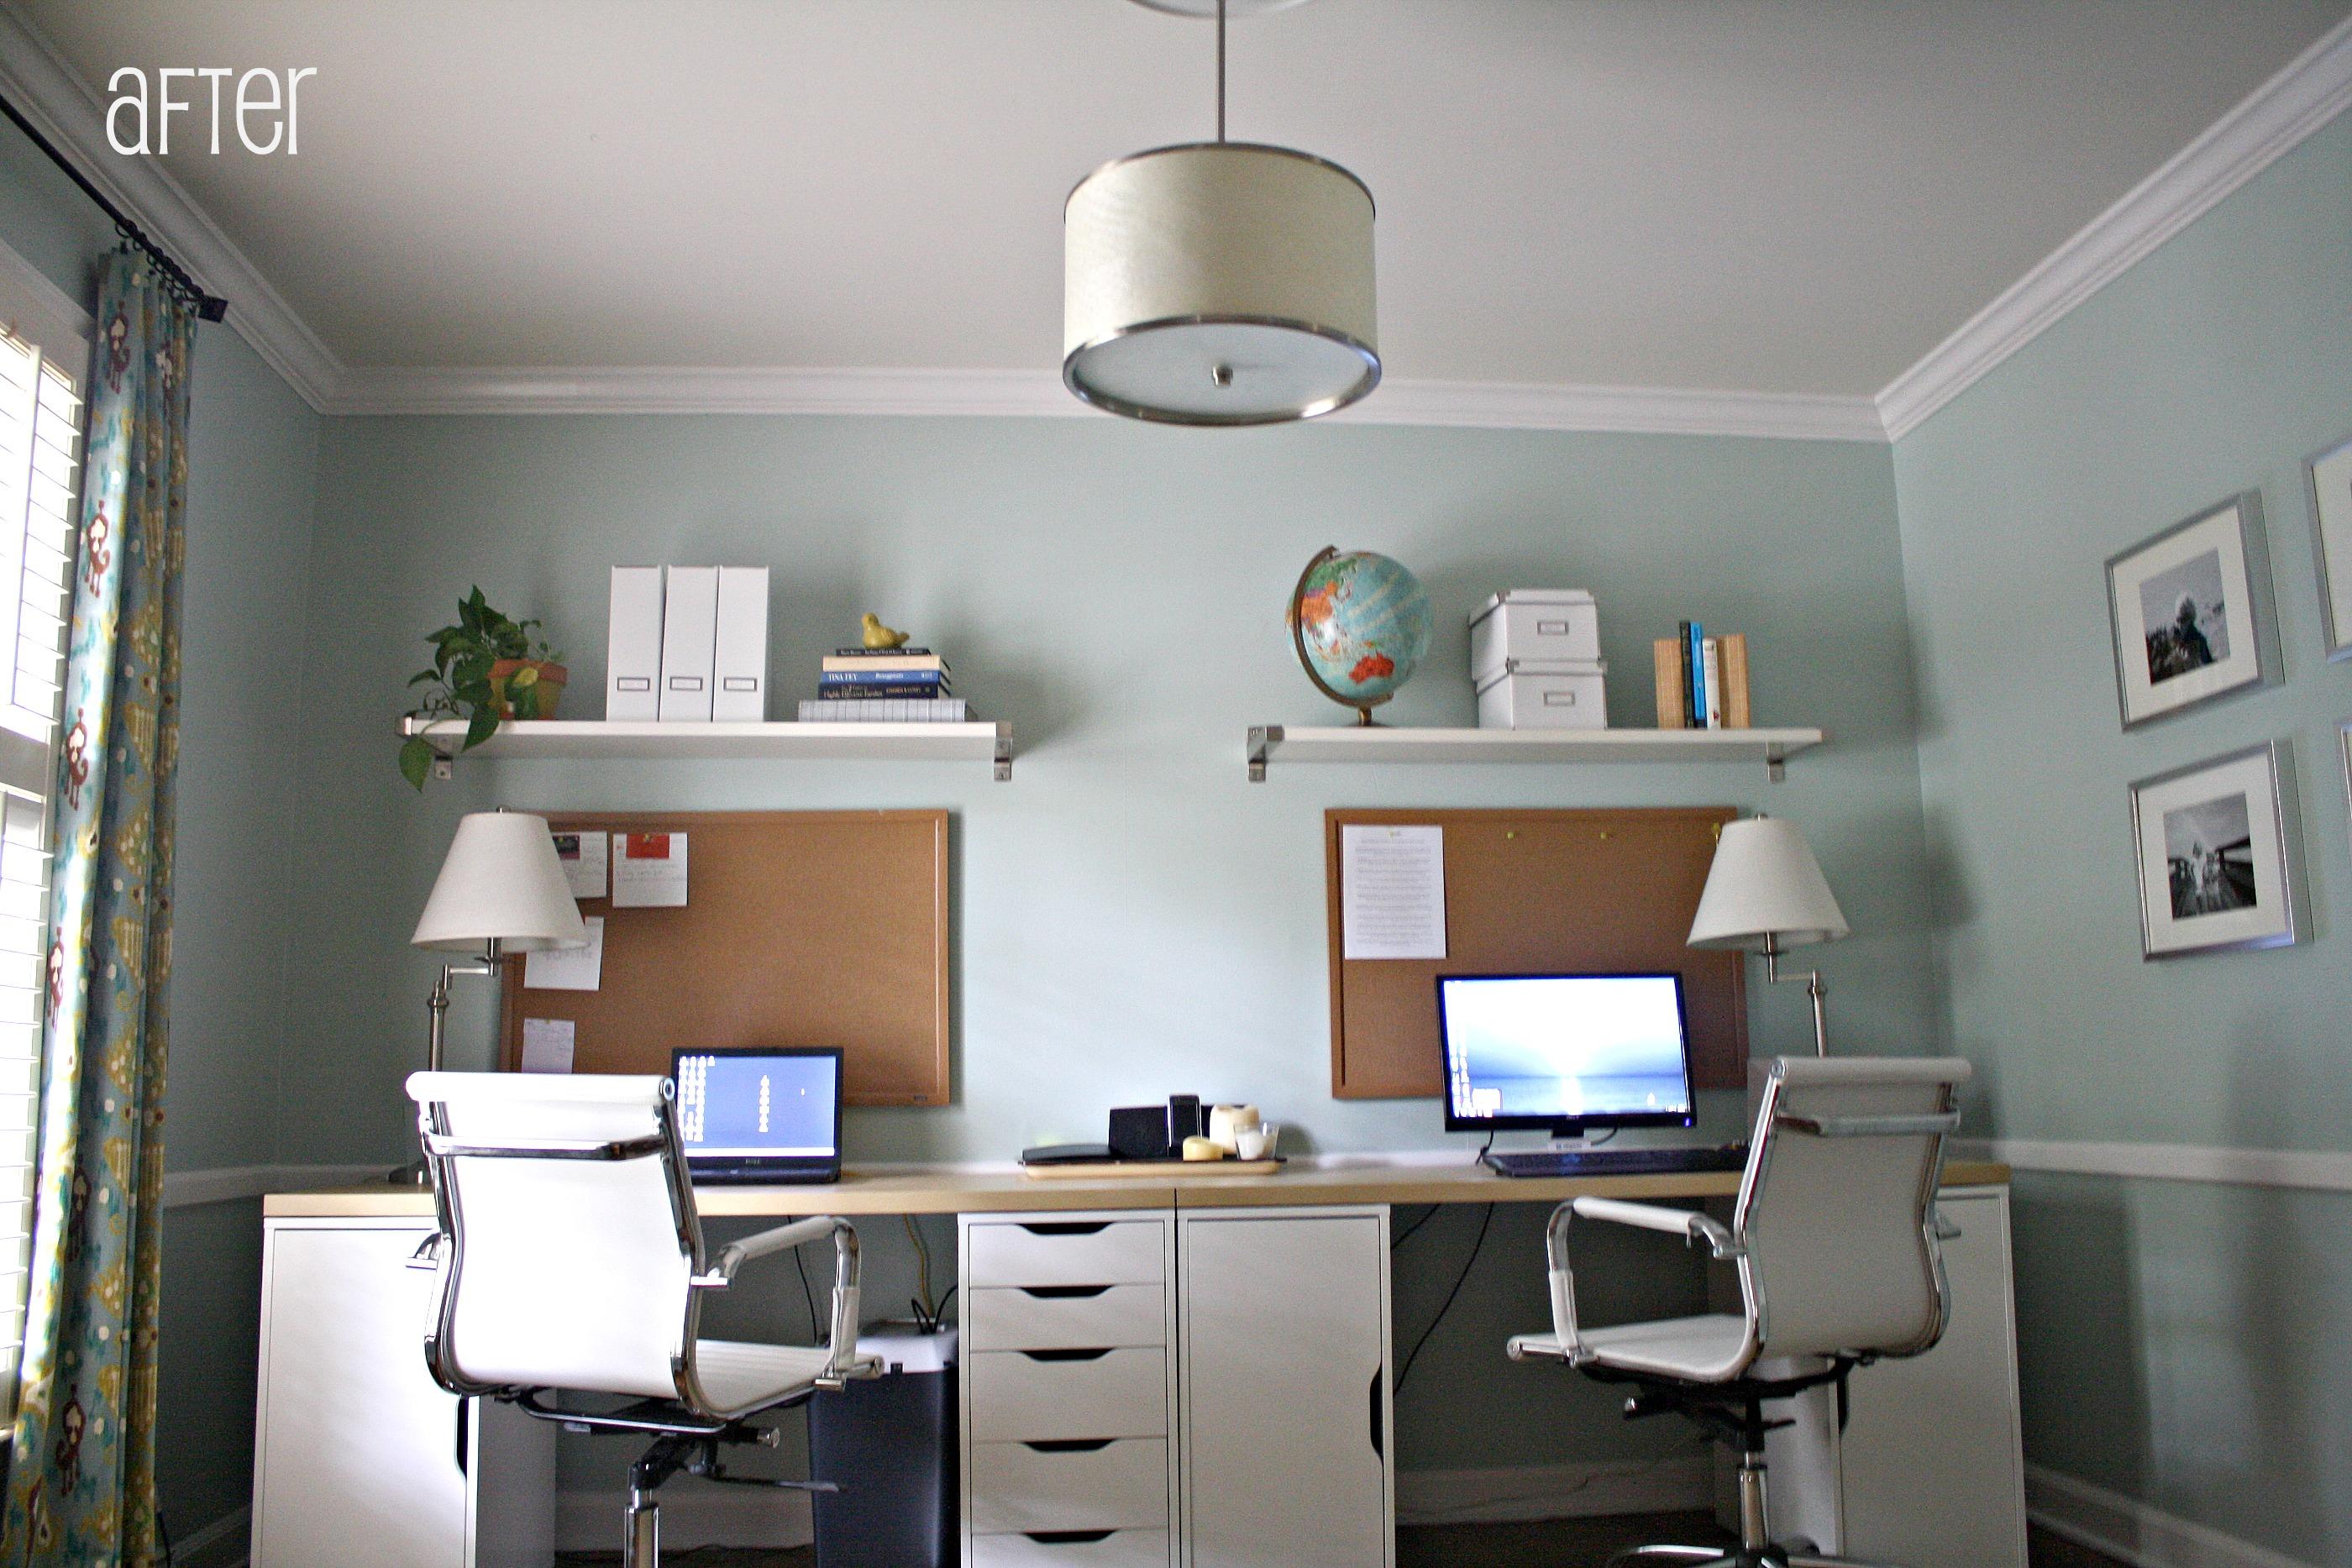 Exellent Wall Desks Home Office D Inside Design Ideas